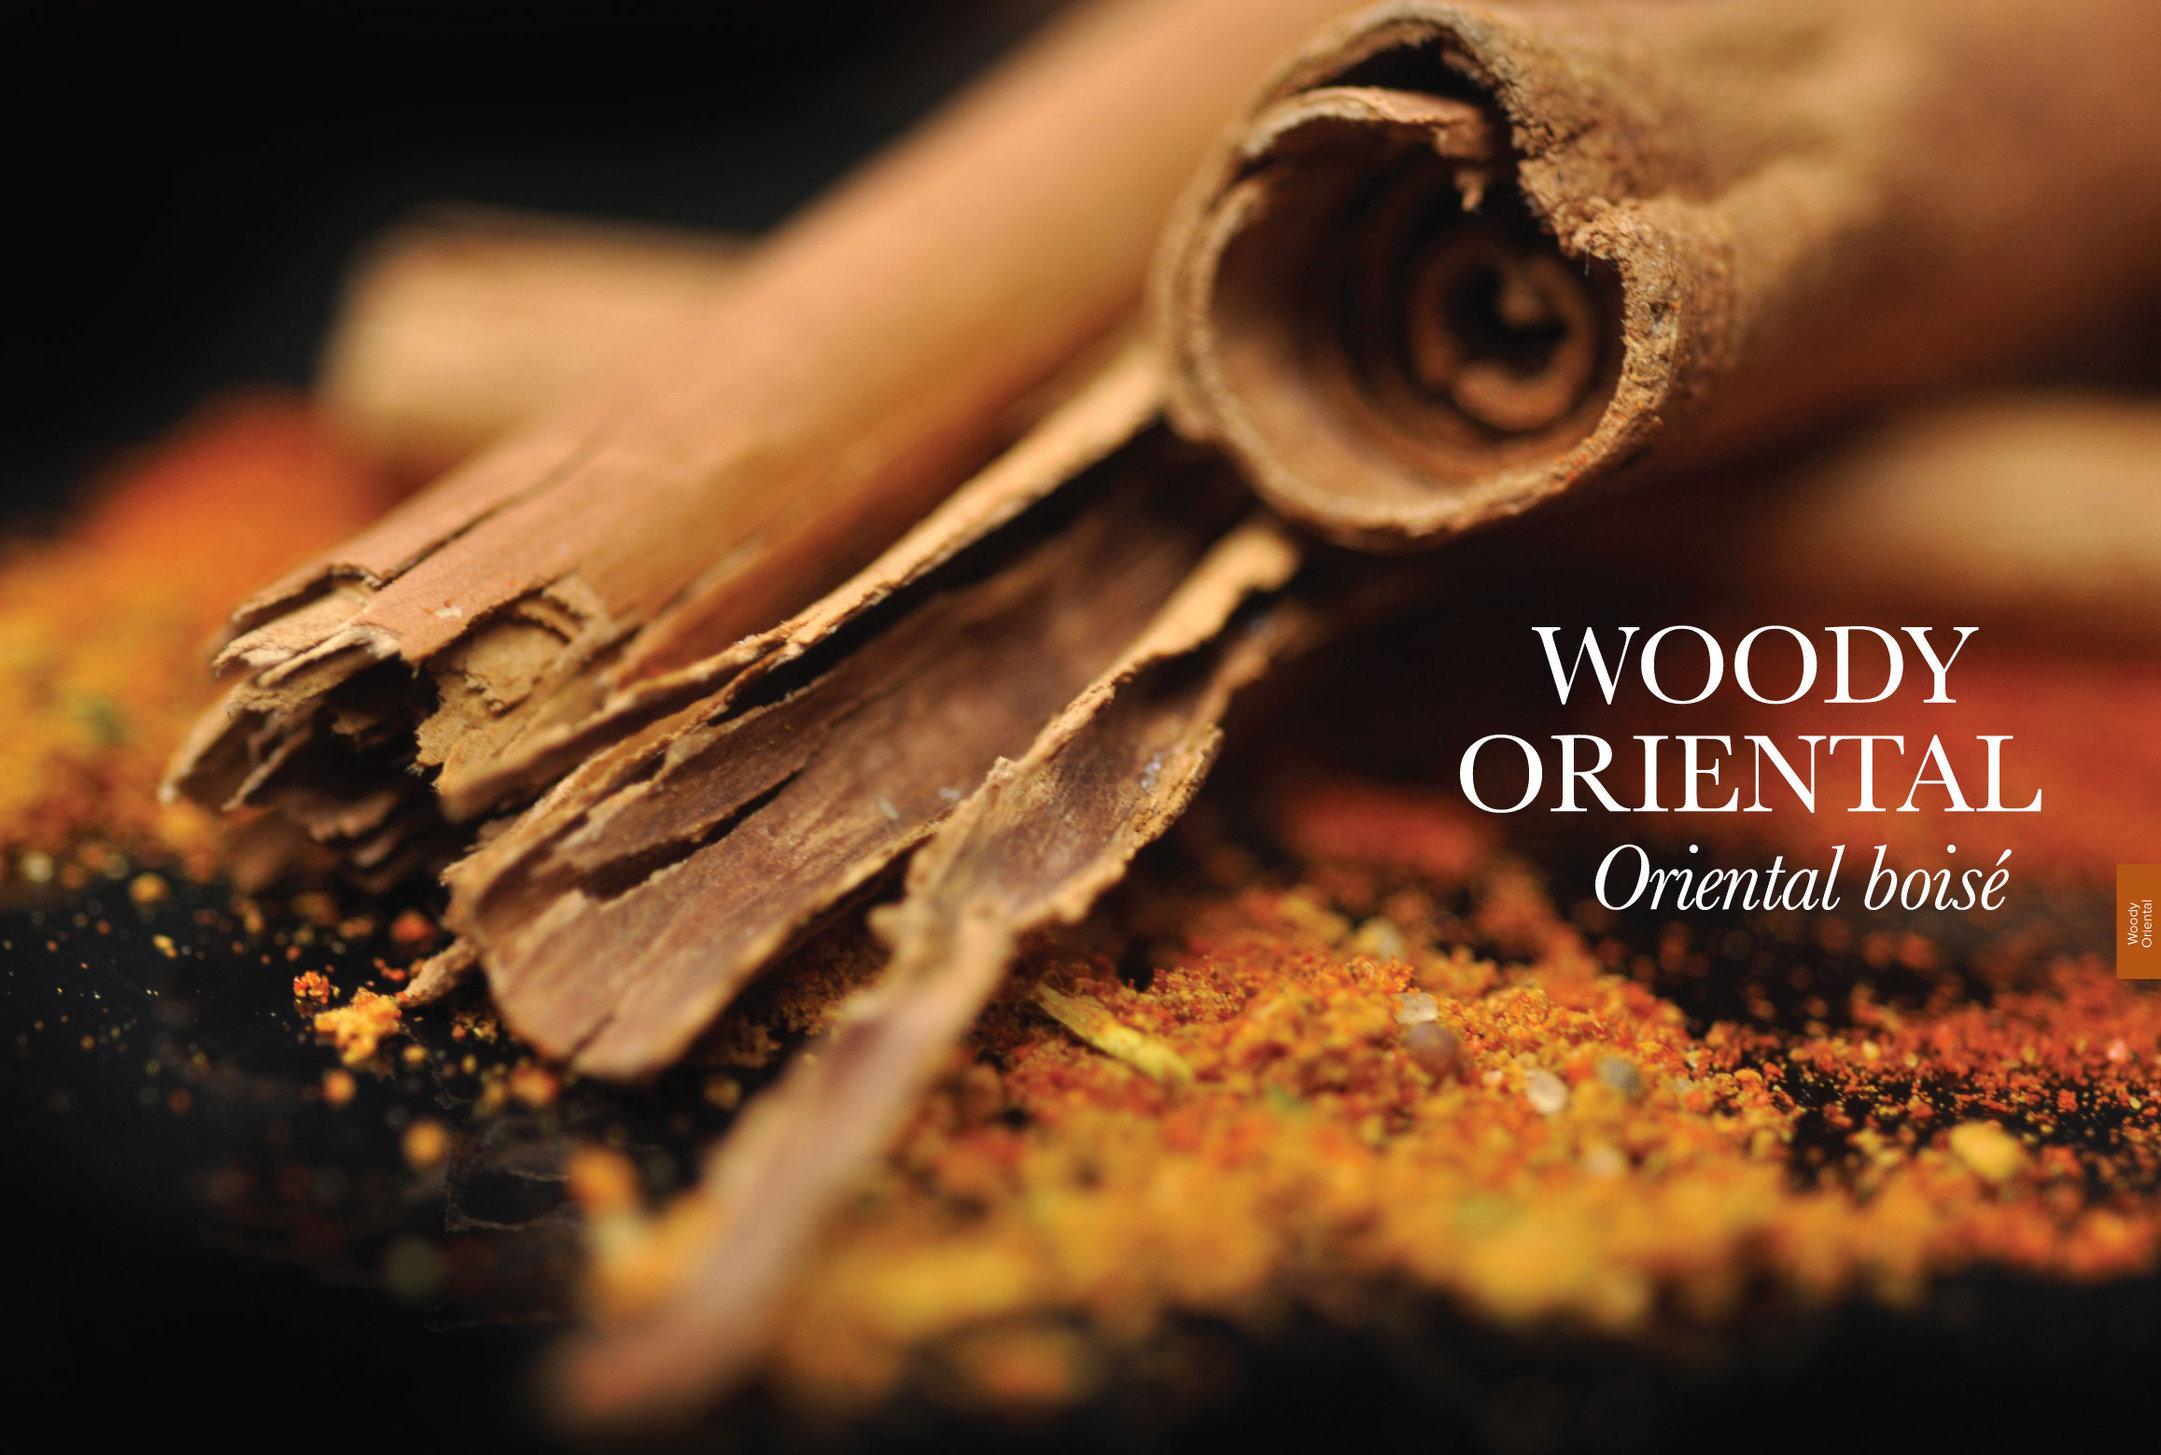 Woody-Oriental.jpg